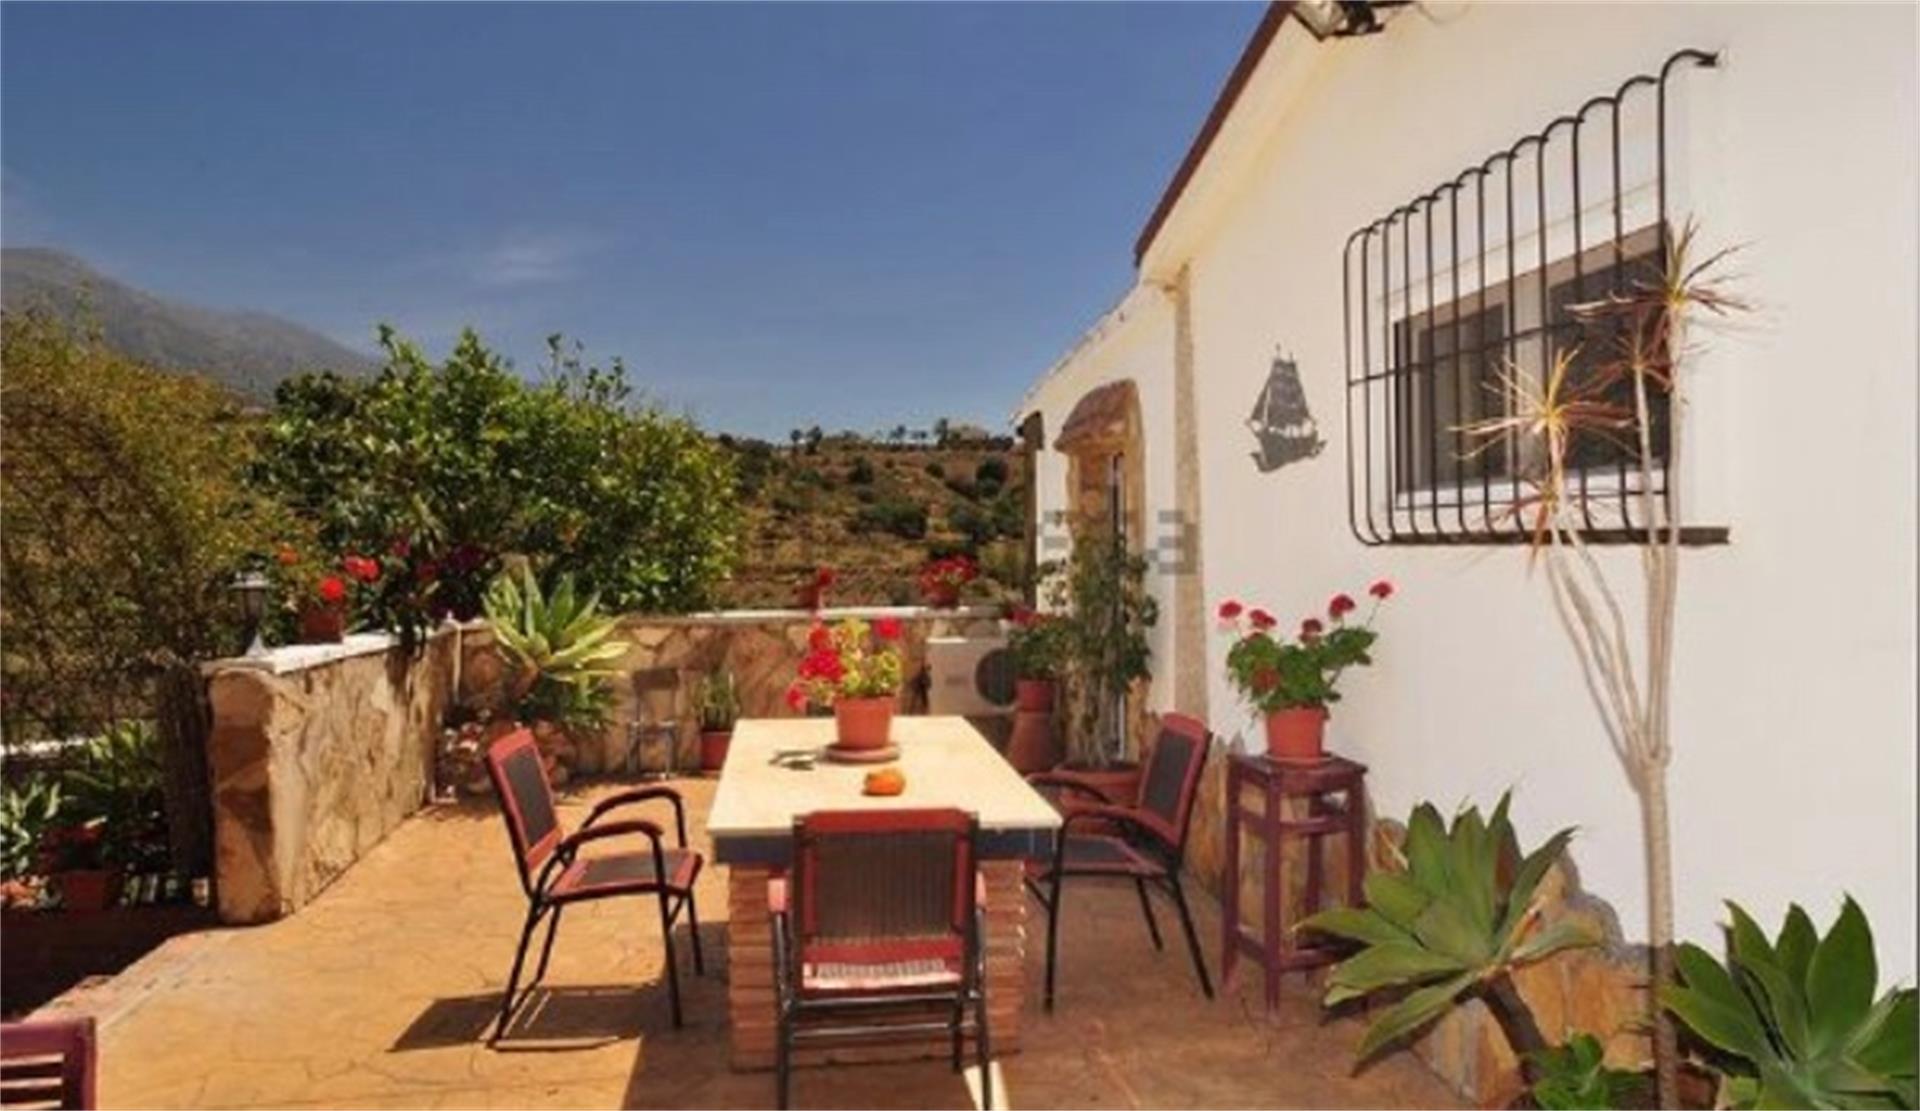 Casa adosada de alquiler en Calle Río de las Pasadas, 62 Los Árboles (Mijas, Málaga)